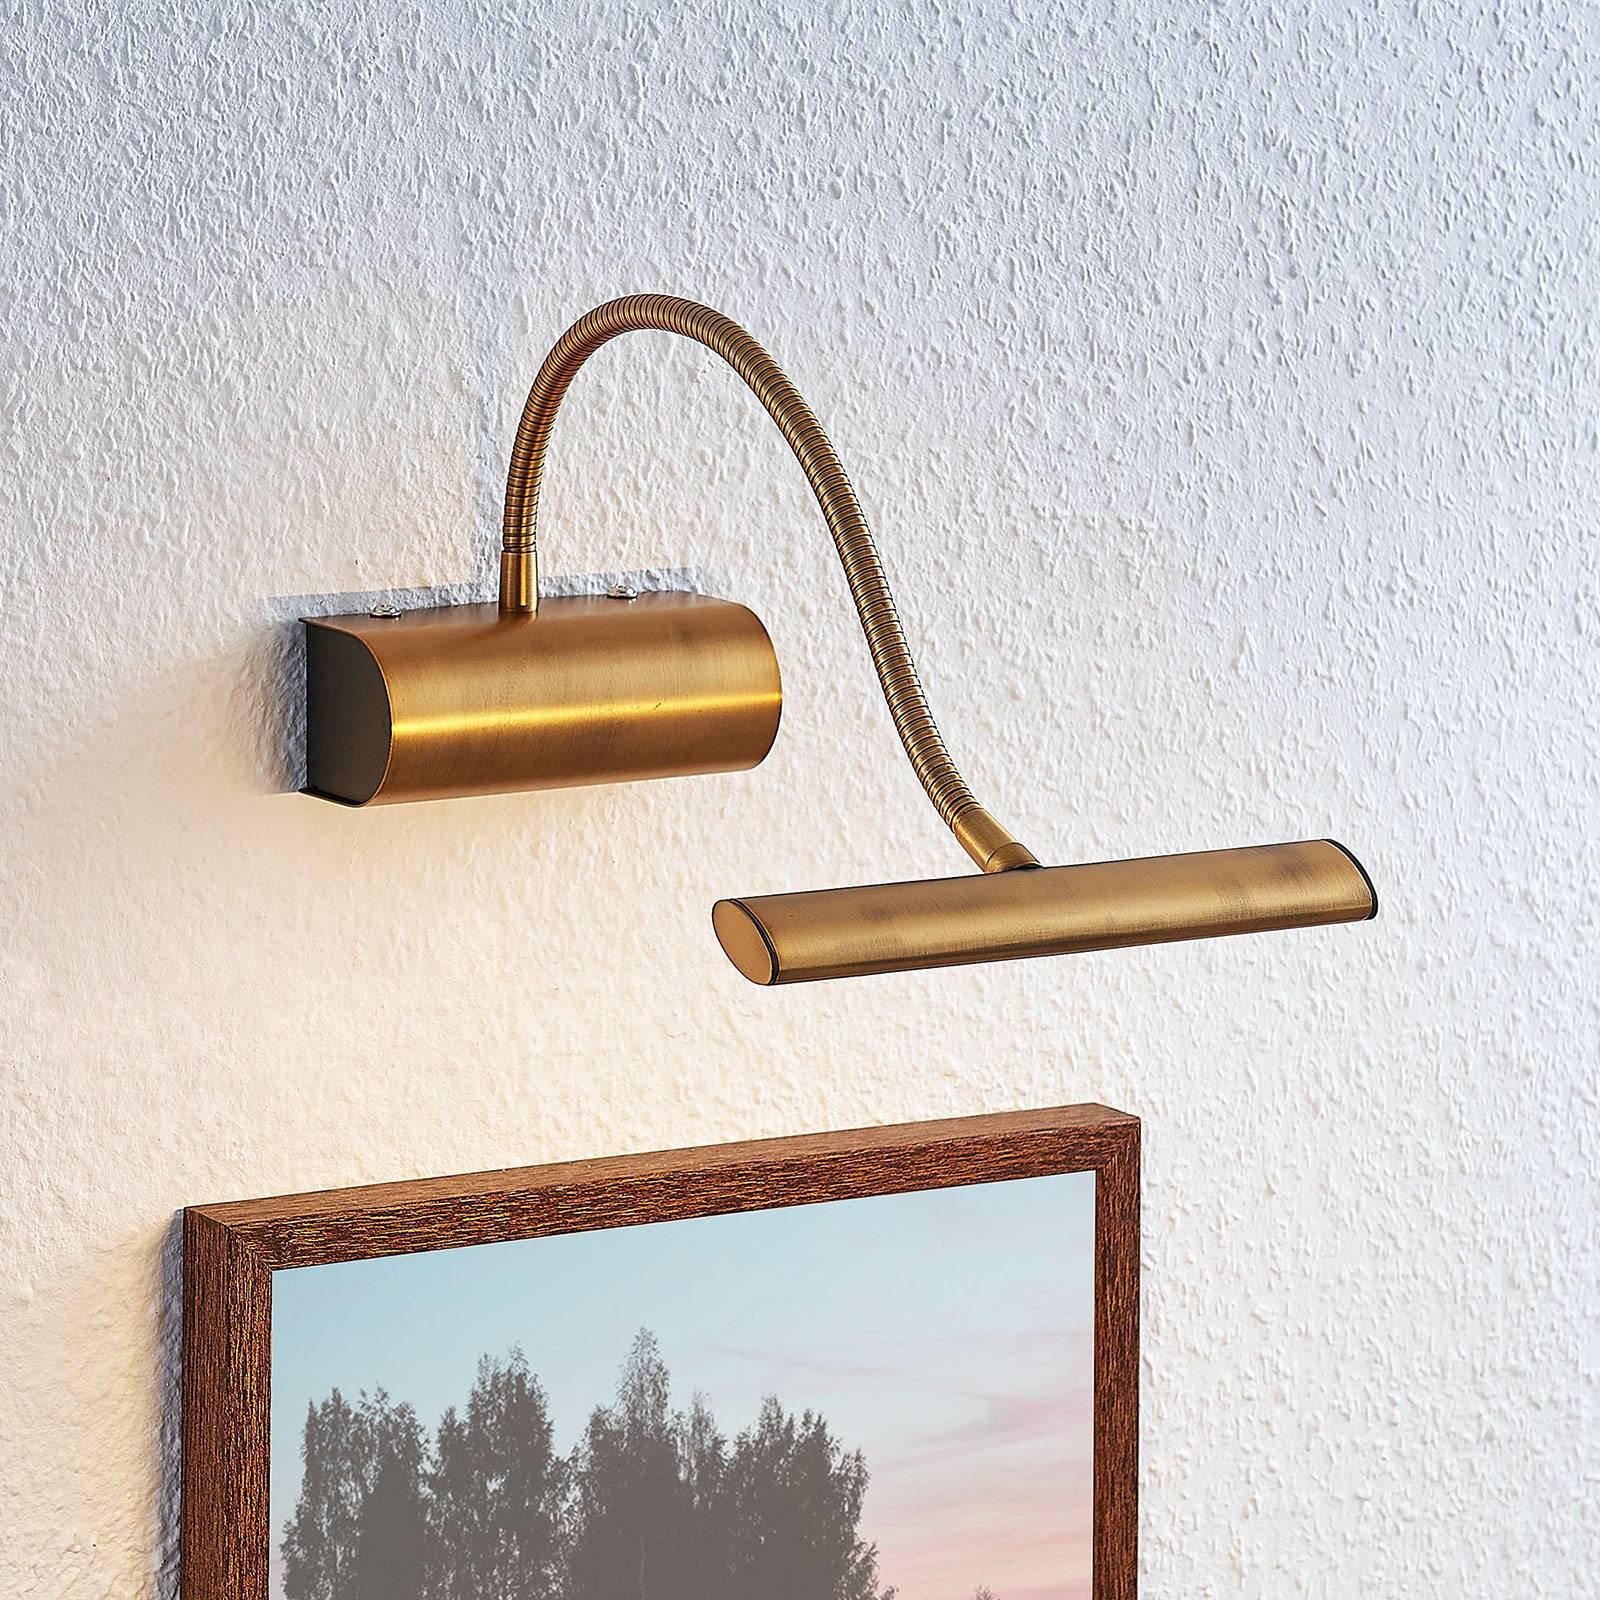 Rakel LED-bildelampe fleksibel arm, antikk messing